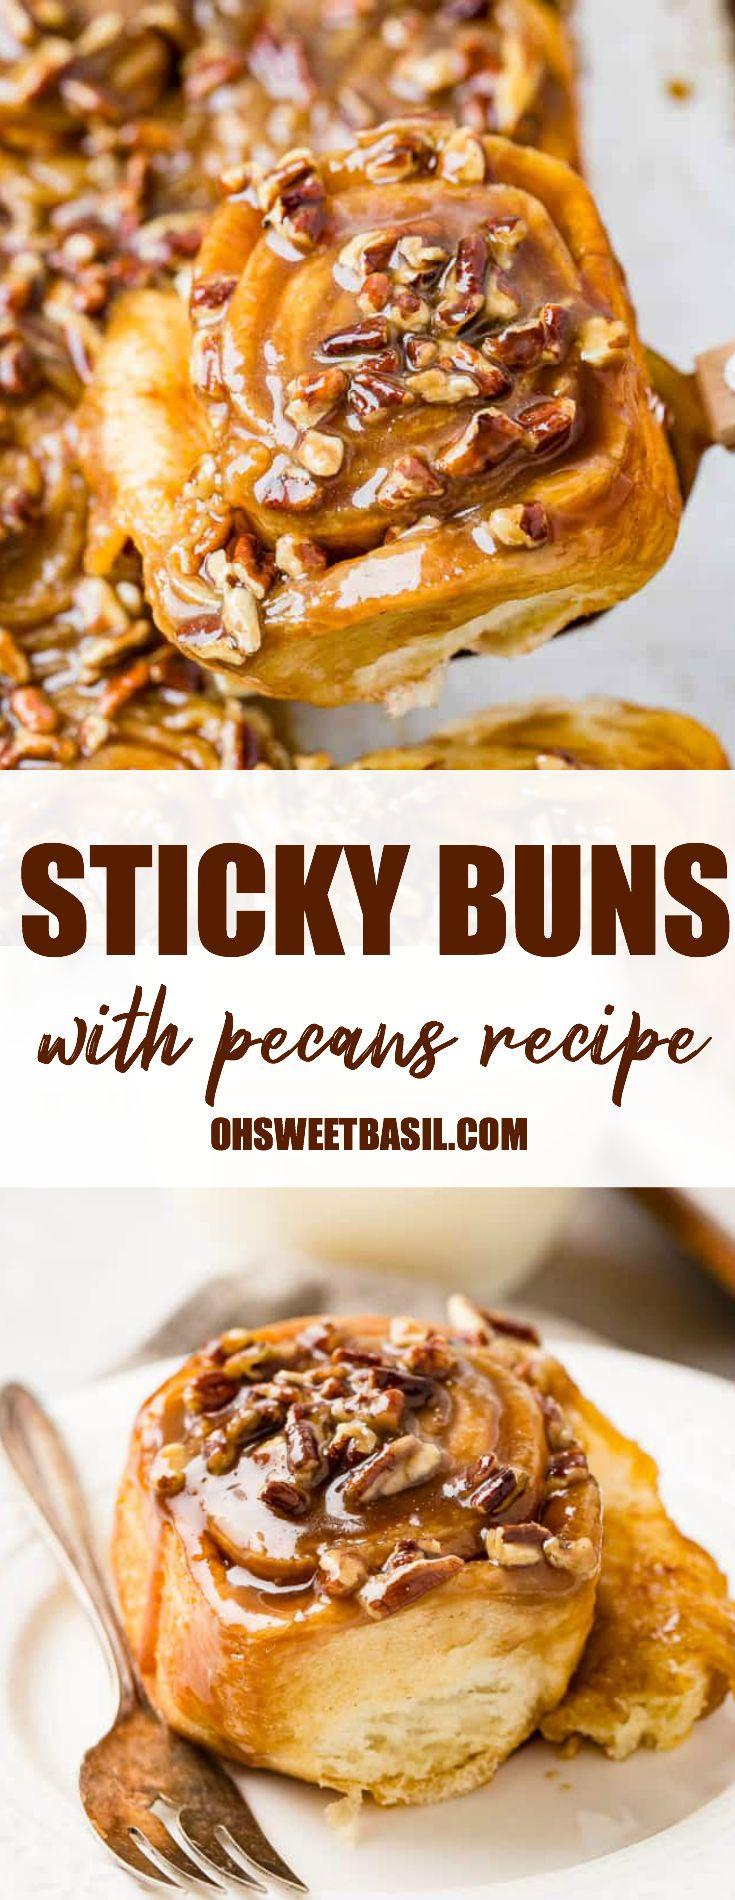 Pecan Sticky Buns #stickybuns